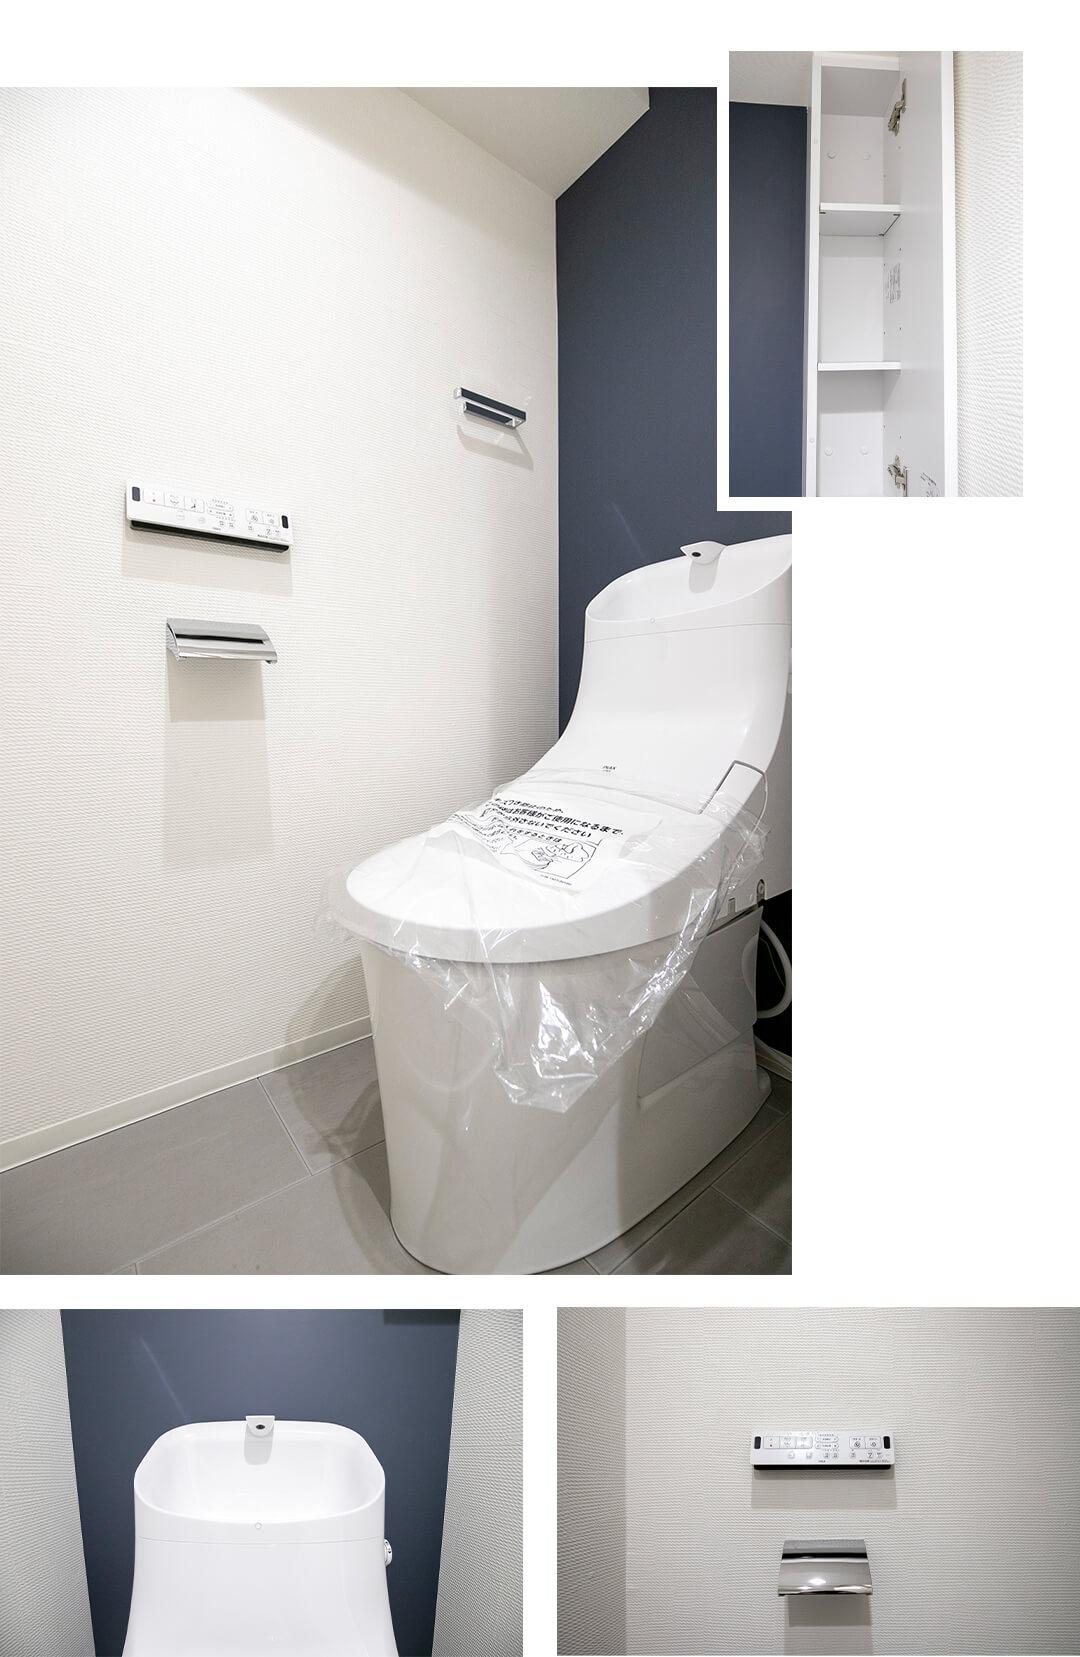 ライオンズマンション下目黒のトイレ